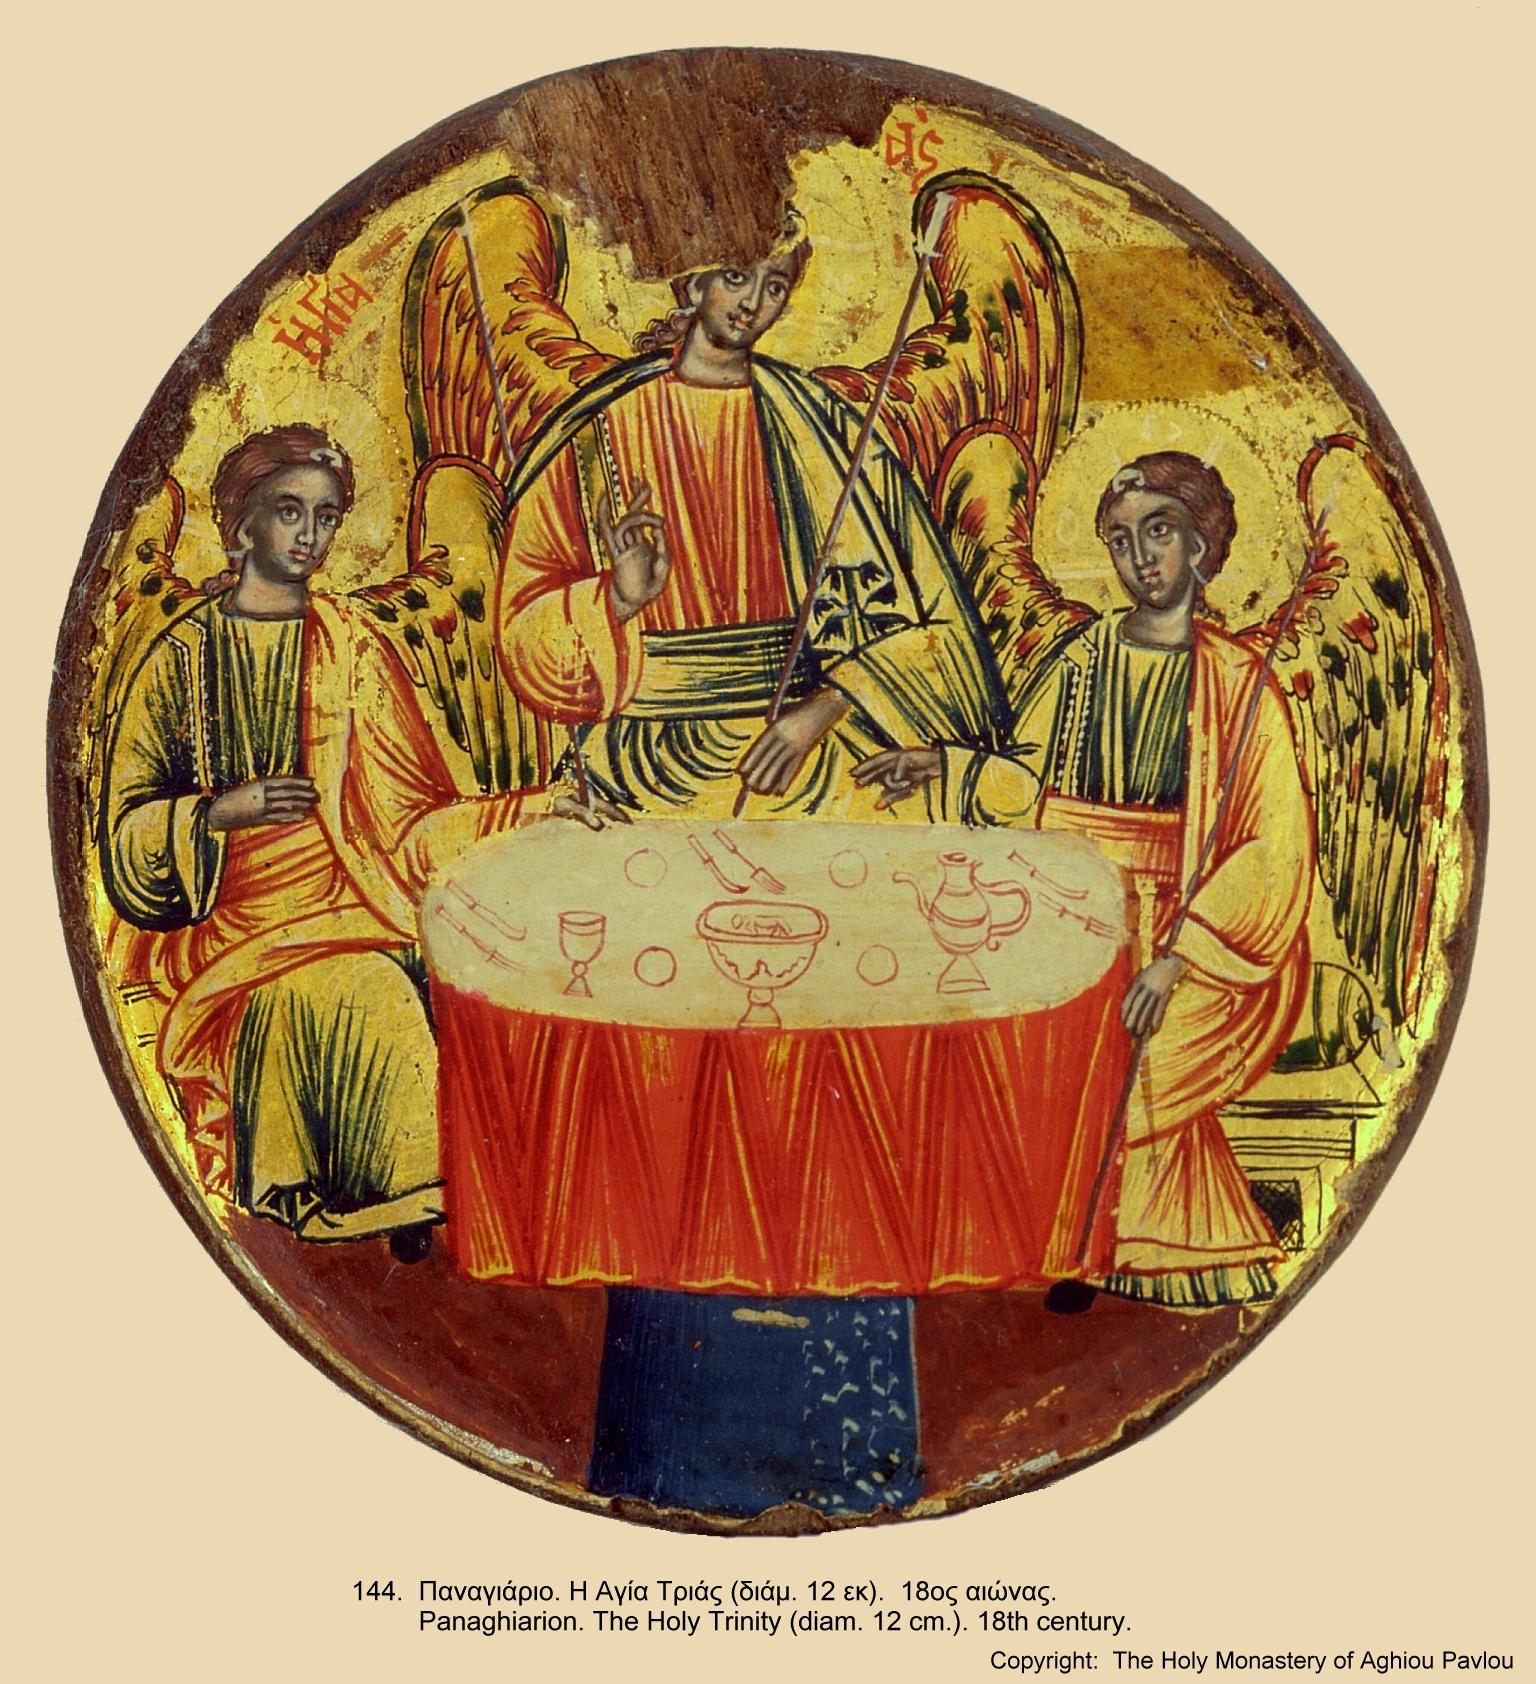 Иконы монастыря св. Павла (143)